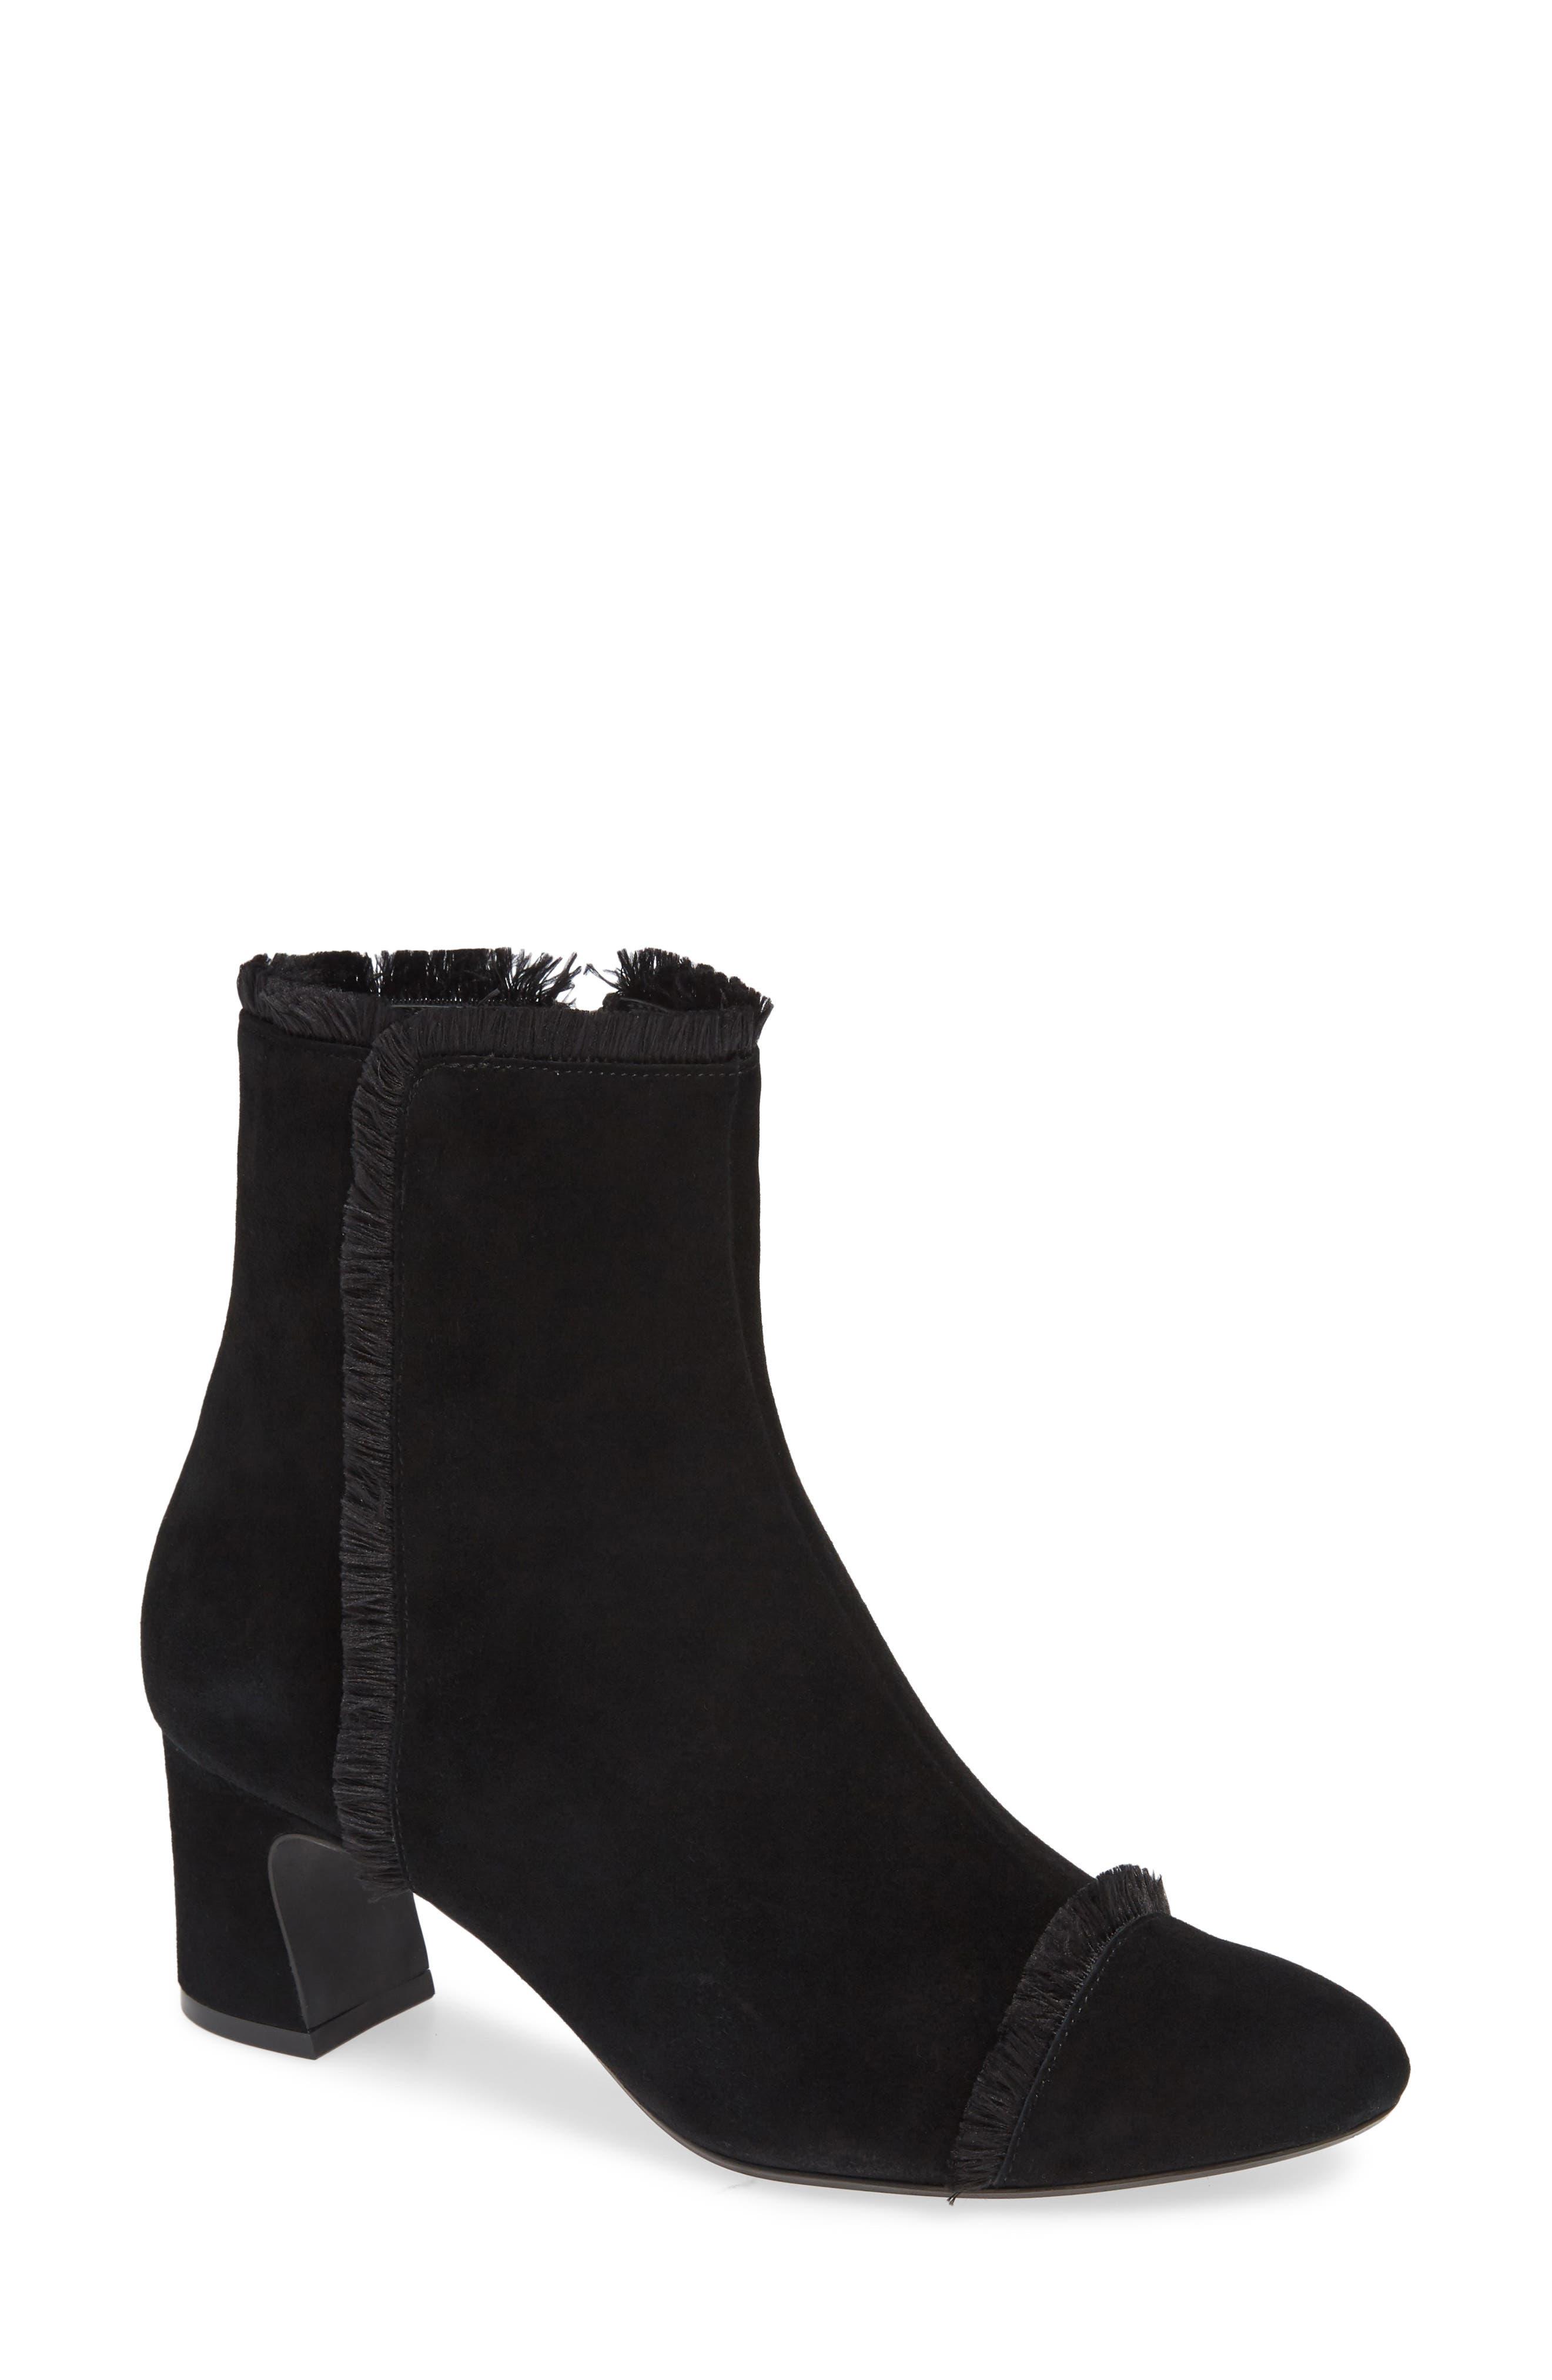 e60f41662d7 Women's Boots Sale | Nordstrom